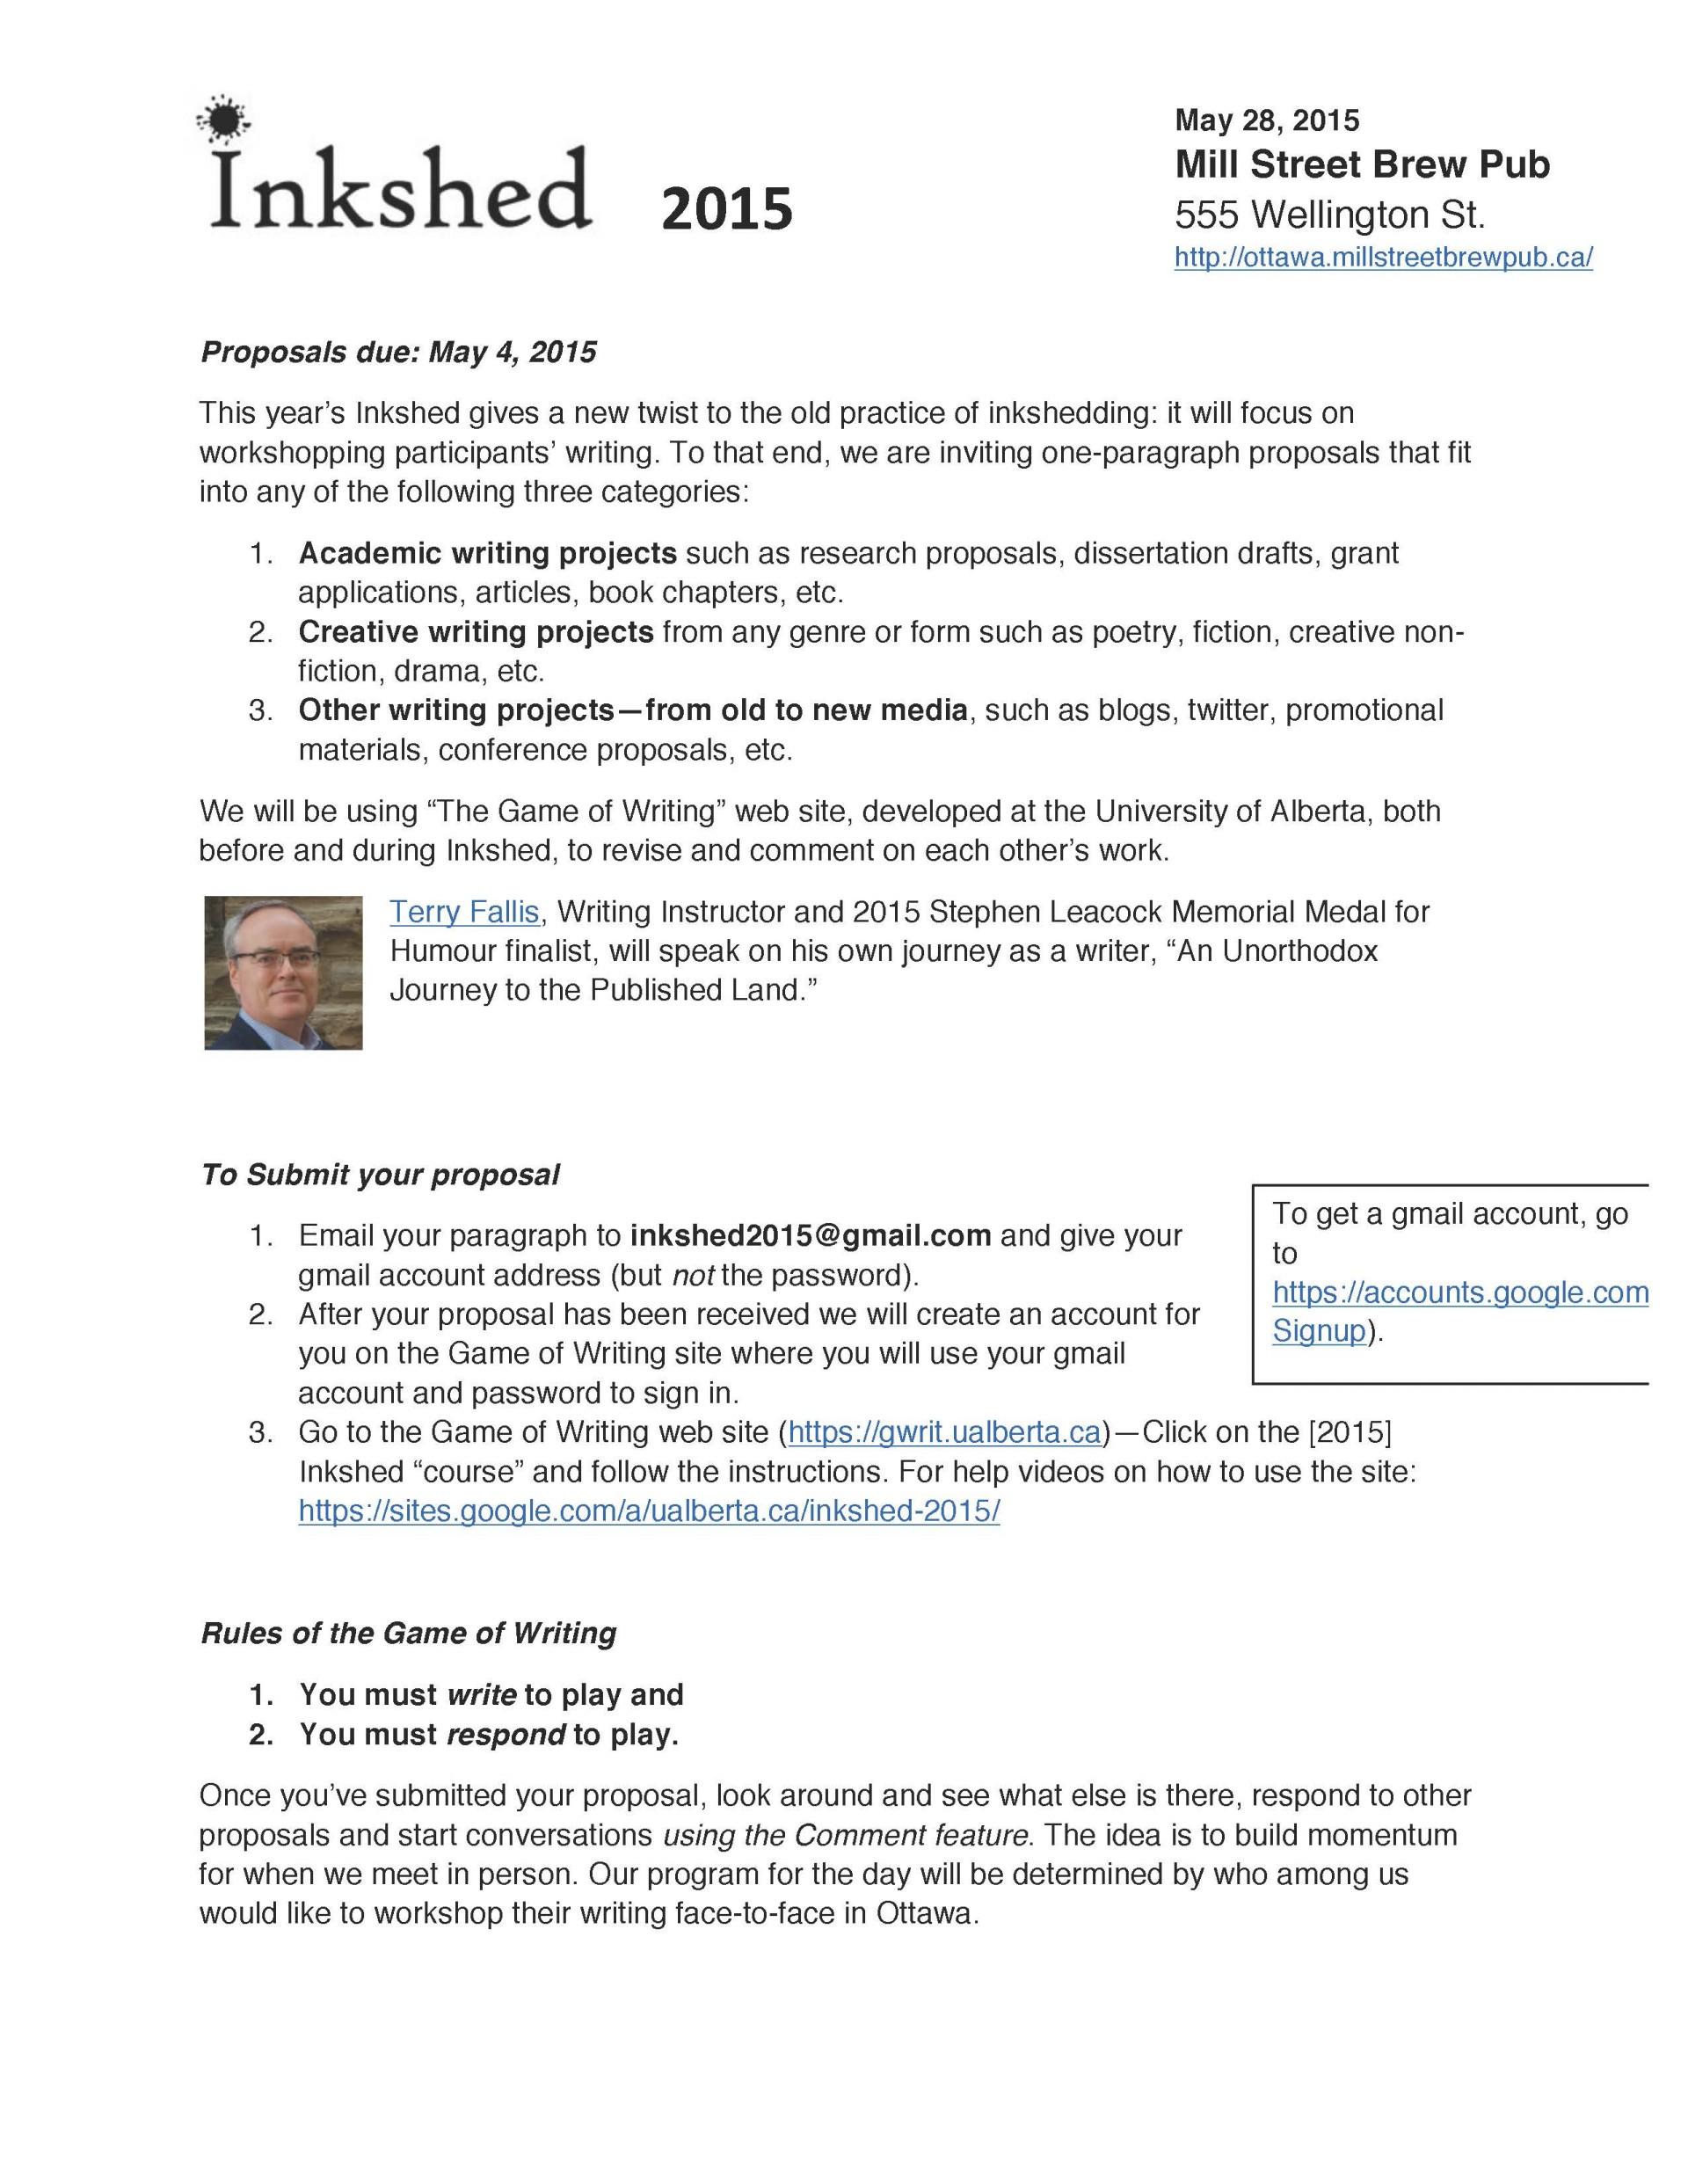 027 Professional Dissertation Proposal Writing Site Usa Njhs Essay Conclusion Unique 1920